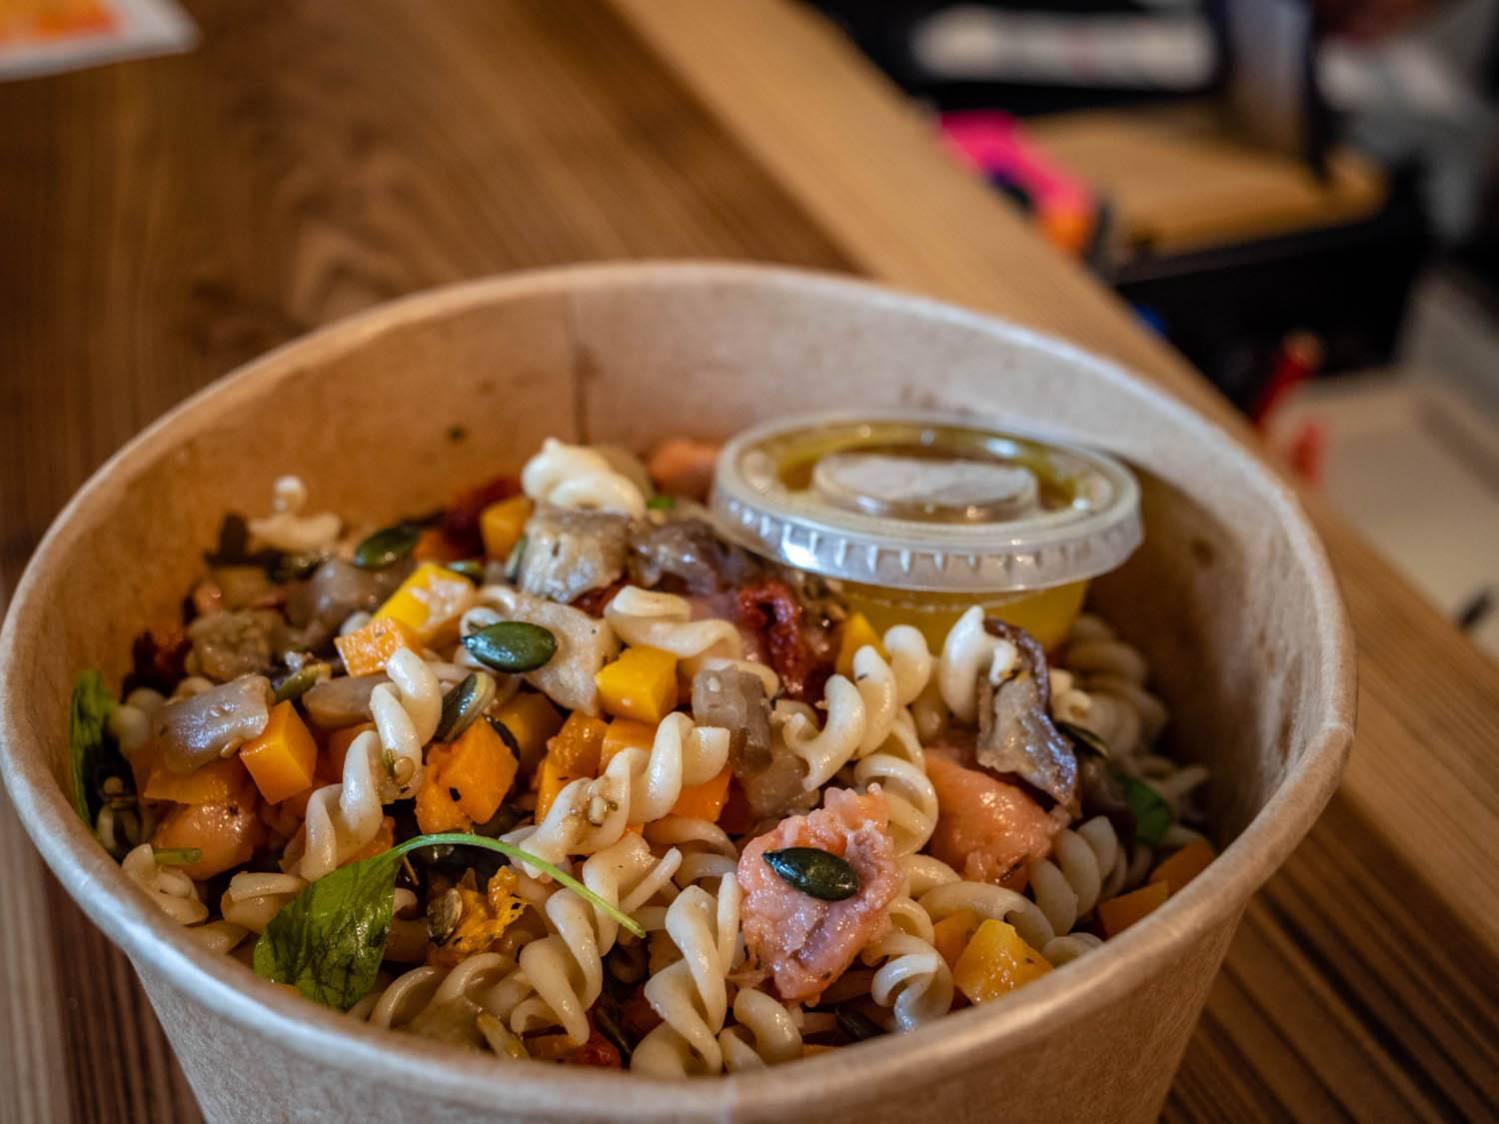 NAMAE FAST FOOD HEALTHY REUNION 974